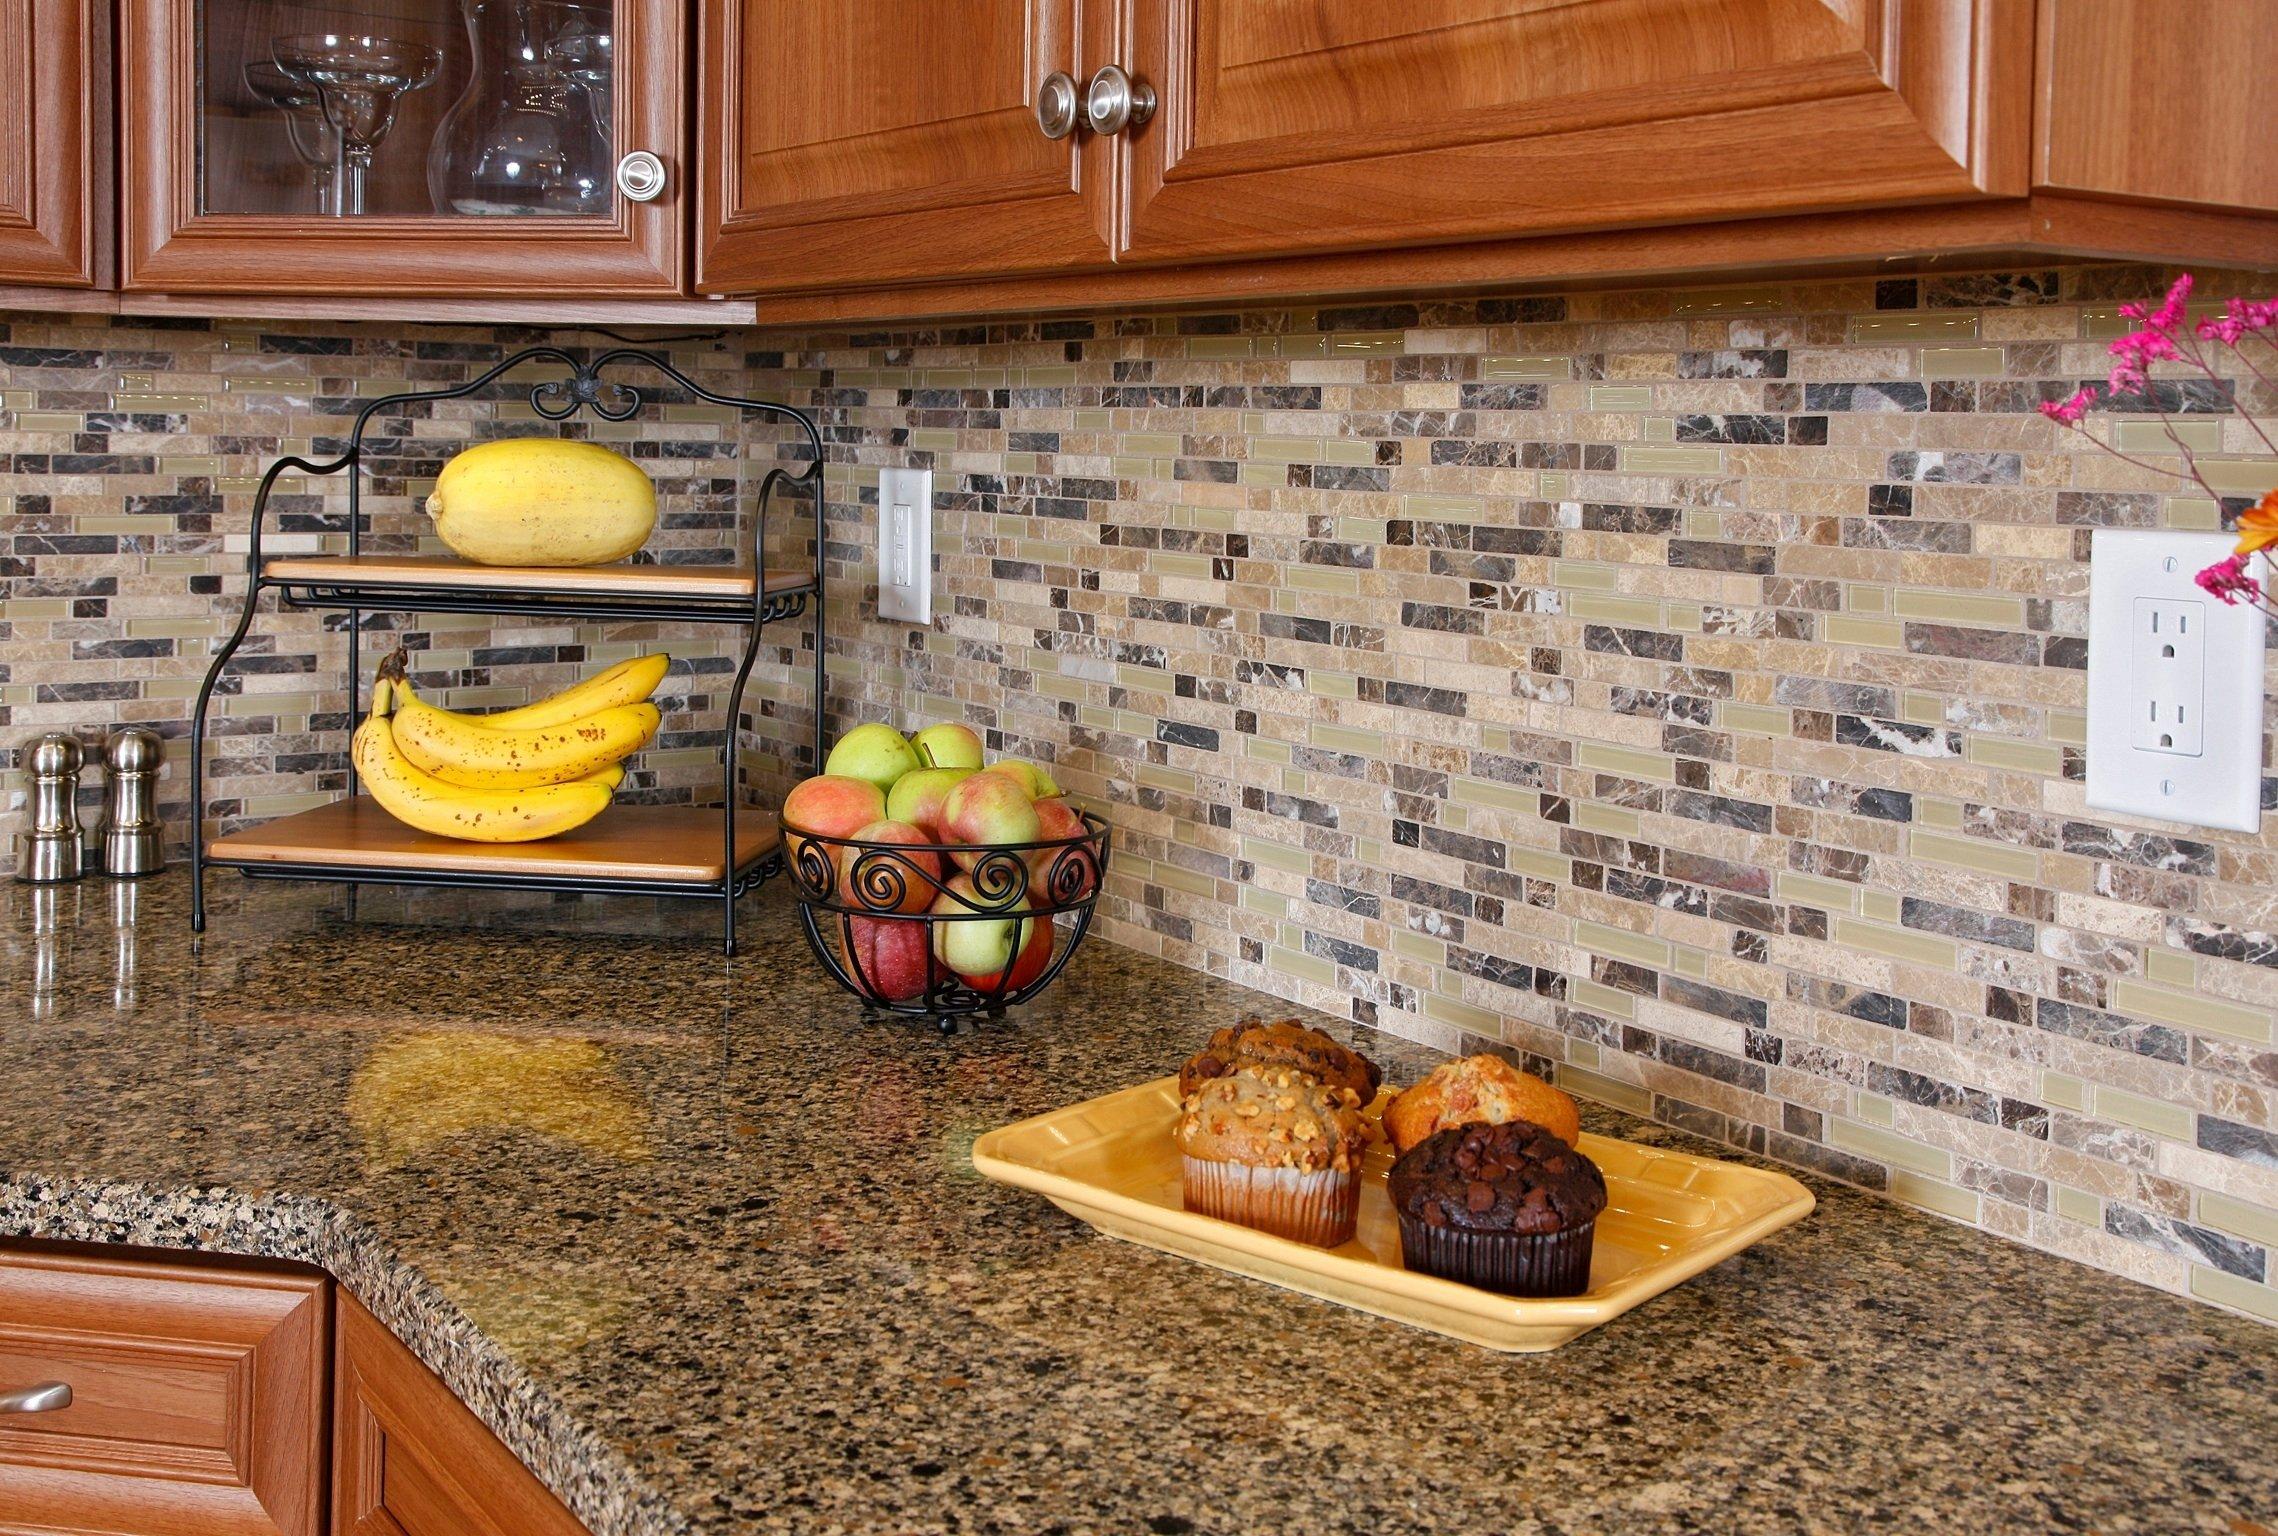 10 Gorgeous Ideas For Kitchen Backsplash With Granite Countertops granite kitchen tile backsplashes ideas baytownkitchen for 2020